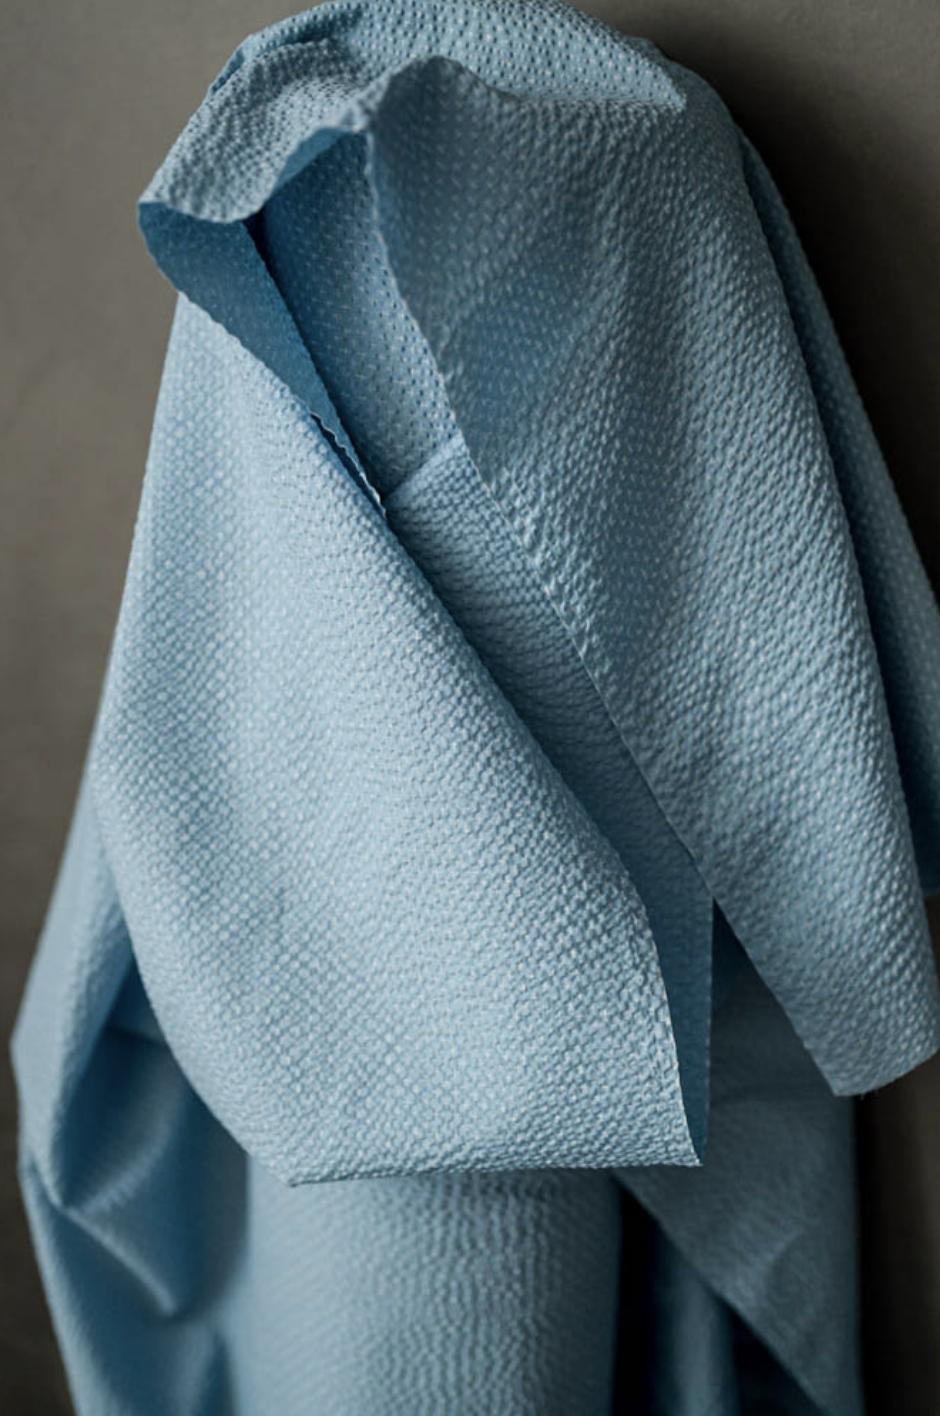 Blue Tottorri Cross - Japanese Seersucker - Merchant & Mills